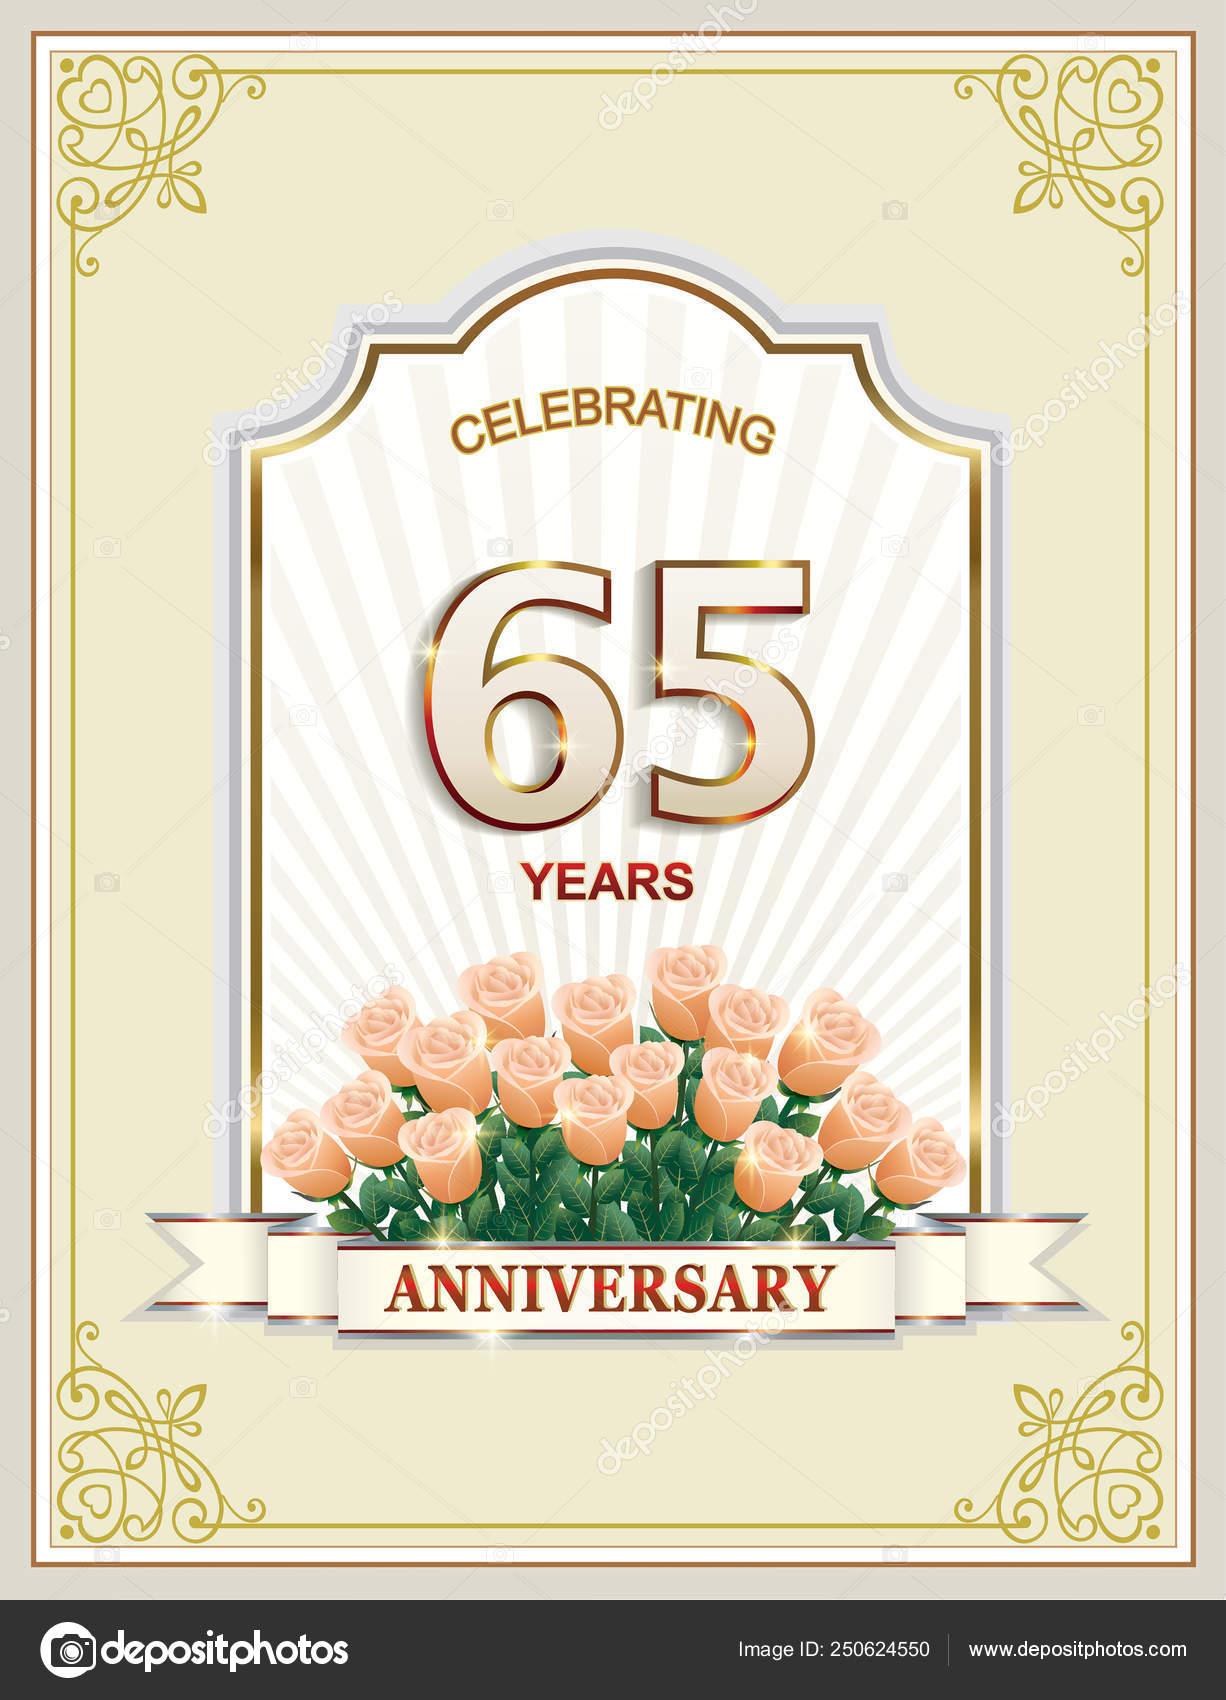 Auguri Buon Compleanno 65 Anni.Illustrazione Mazzo Di Rose Per Augurare Buon Compleanno